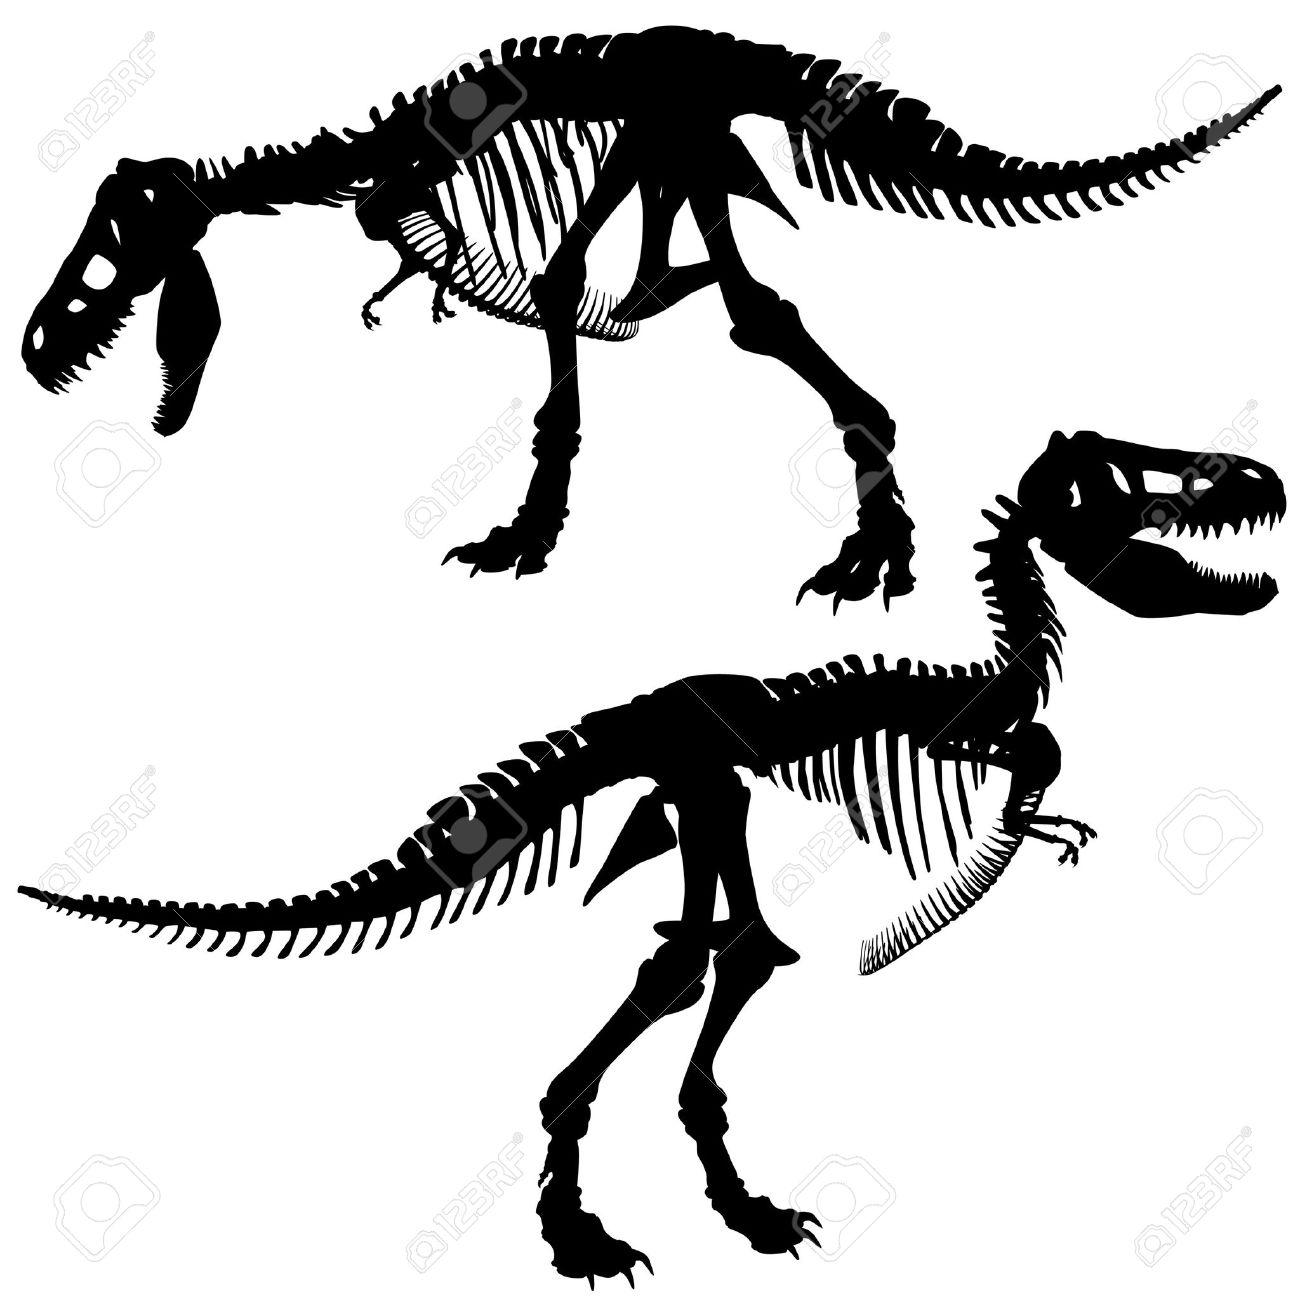 1300x1300 Editable Silhouettes Of The Skeleton Of A Tyrannosaurus Rex